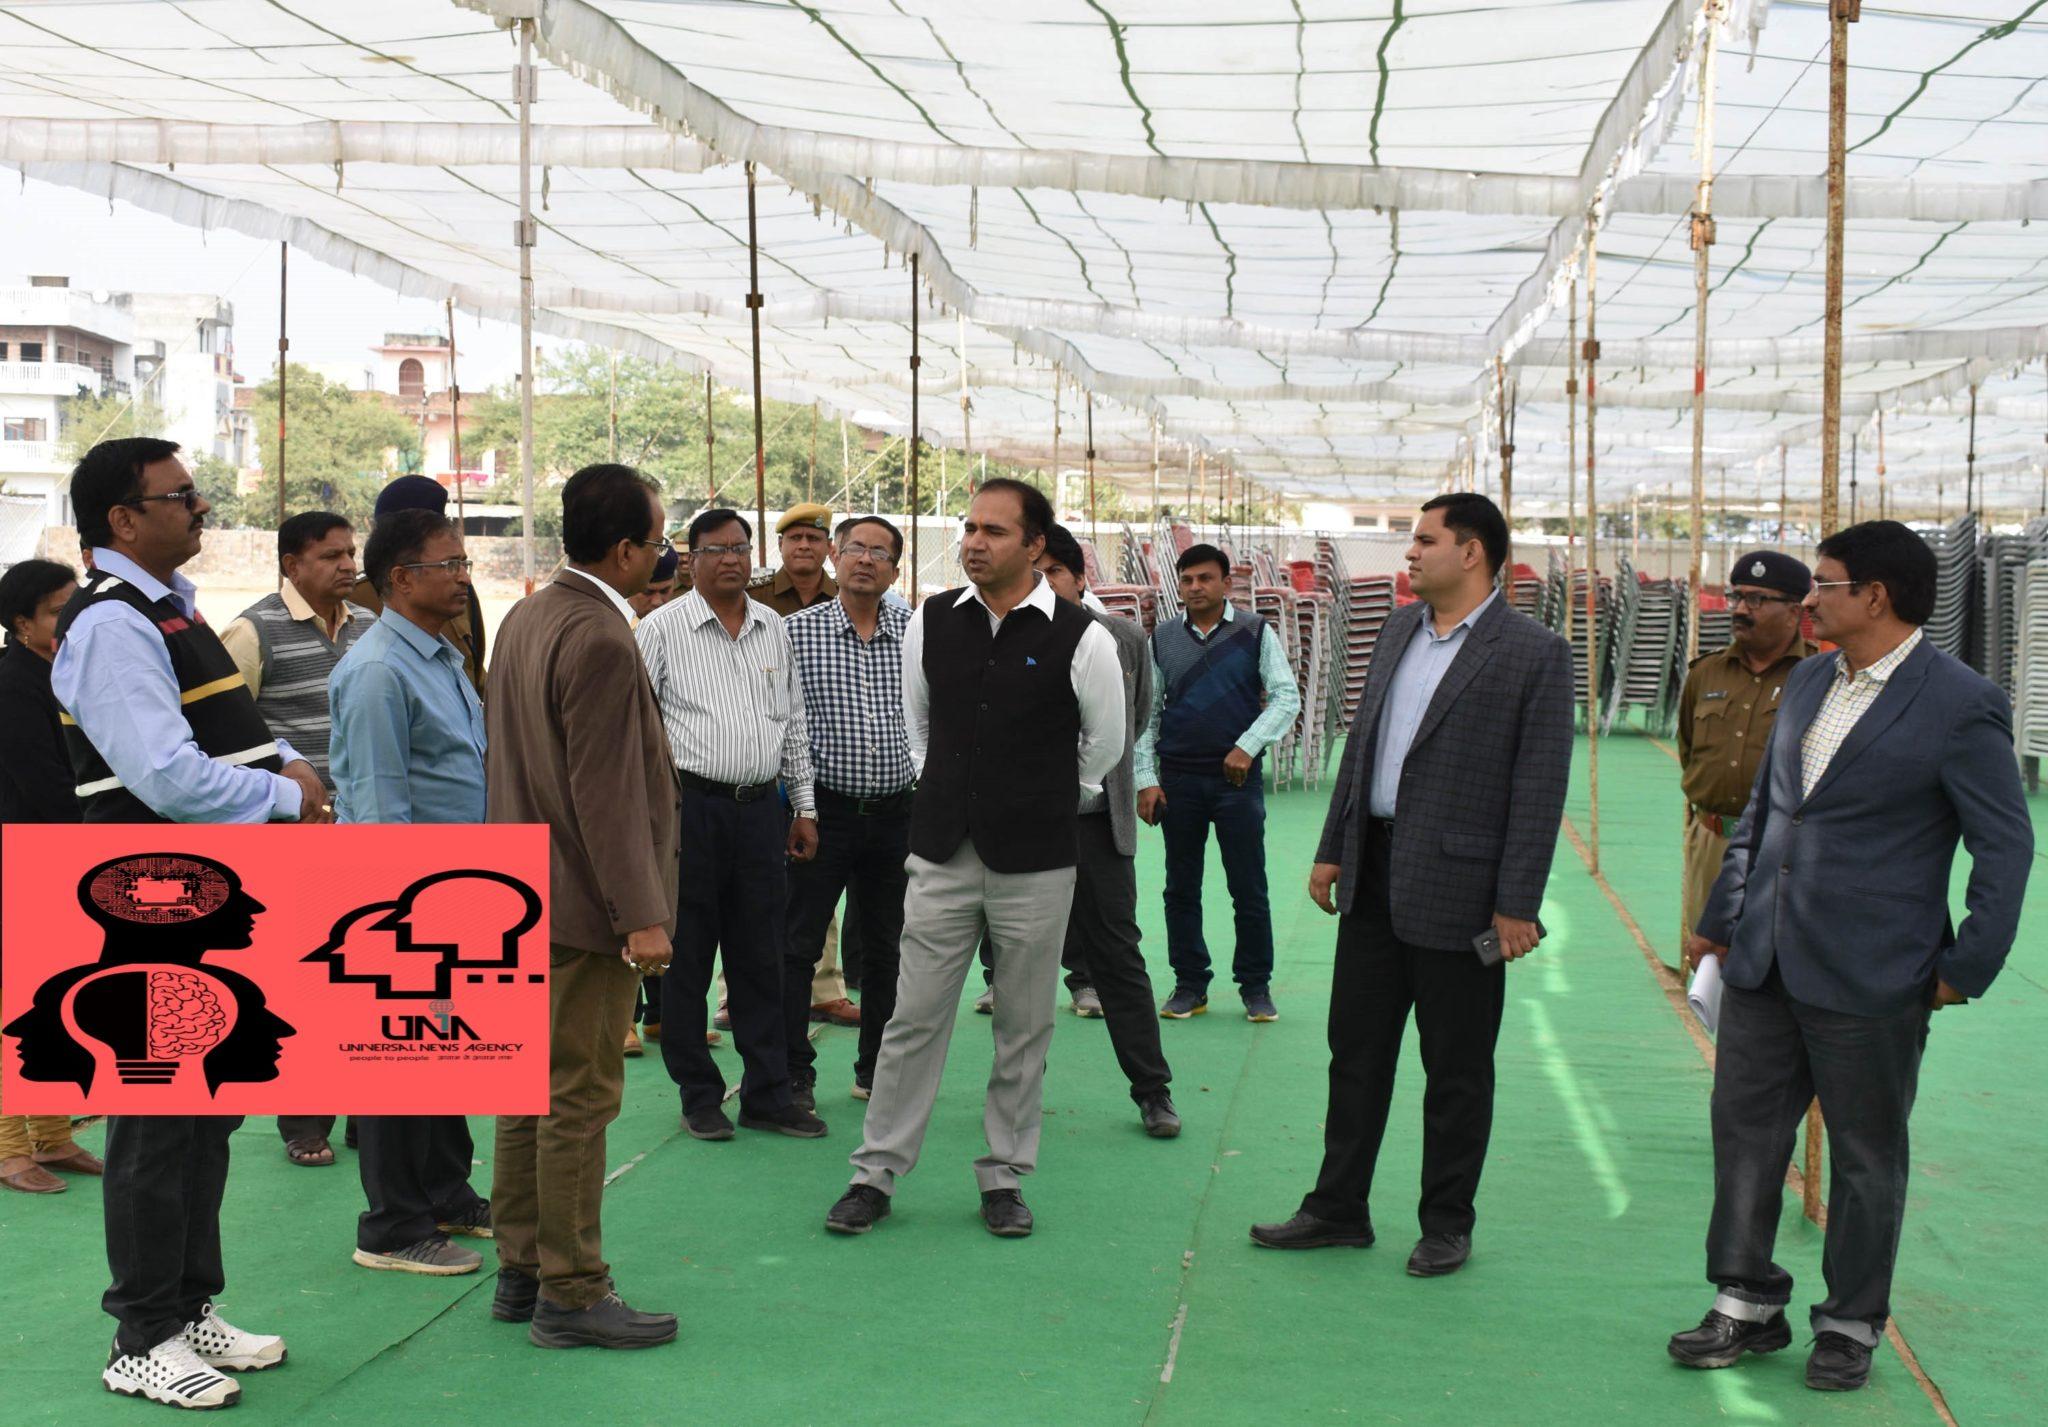 झालावाड़ में जिला निर्वाचन अधिकारी एवं पुलिस अधीक्षक ने मतदान केन्द्रों, दल रवानगी स्थल एवं ईवीएम संग्रहण स्थल का किया दौरा